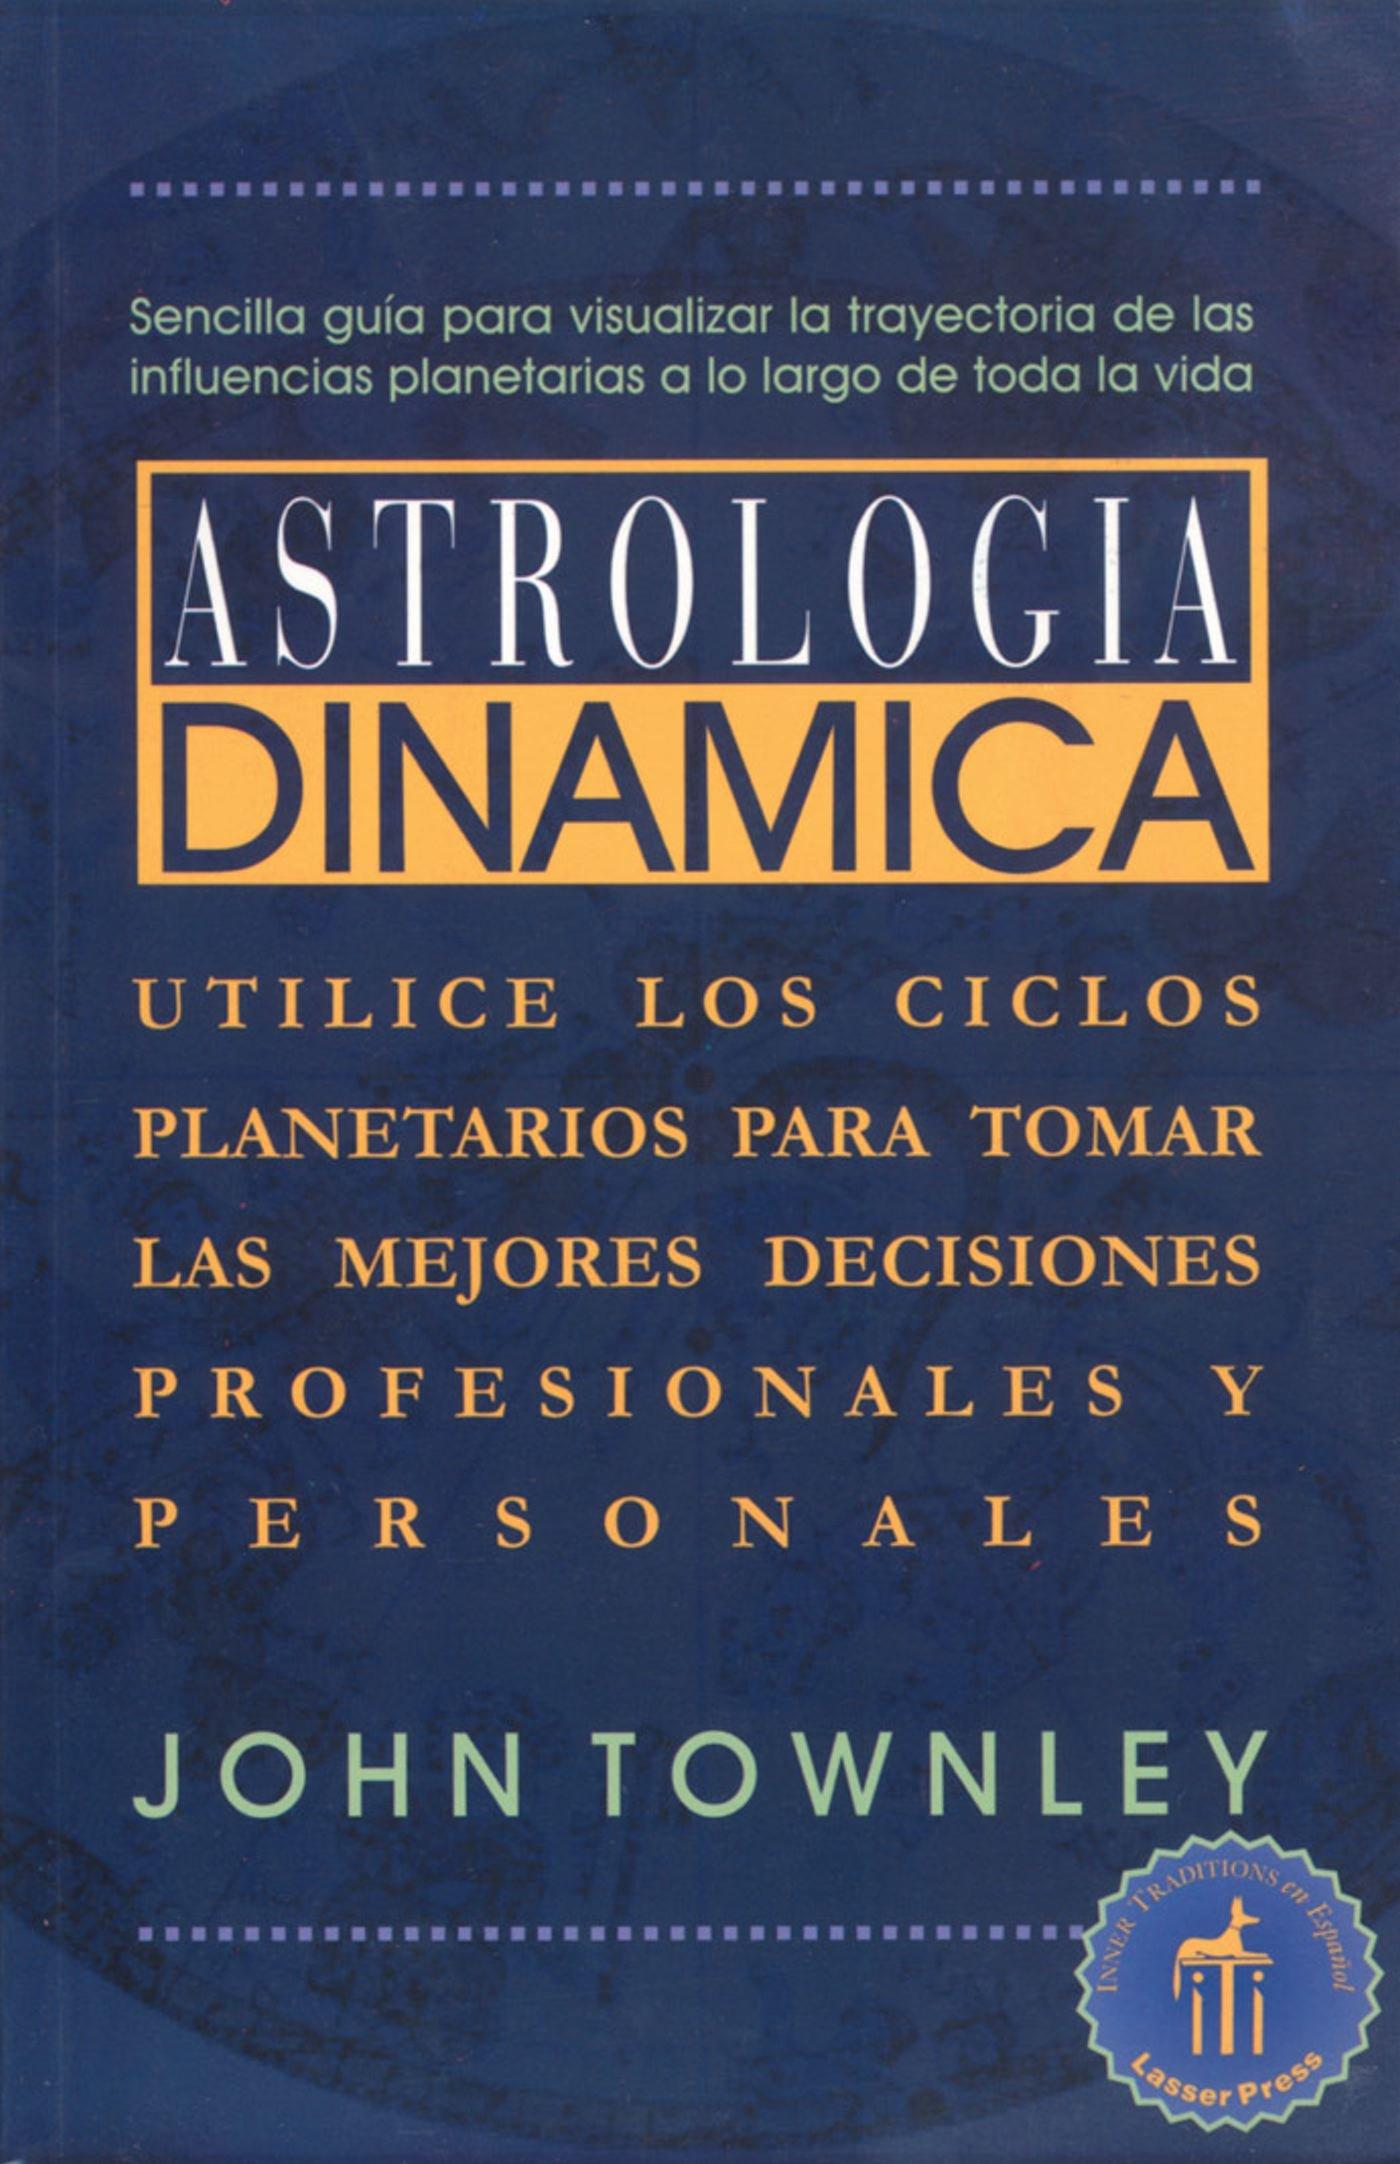 Download Astrologia Dinamica: Utilice los Ciclos Planetarios para Tomar las Mejores Decisiones Profesionales y Personales (Spanish Edition) PDF